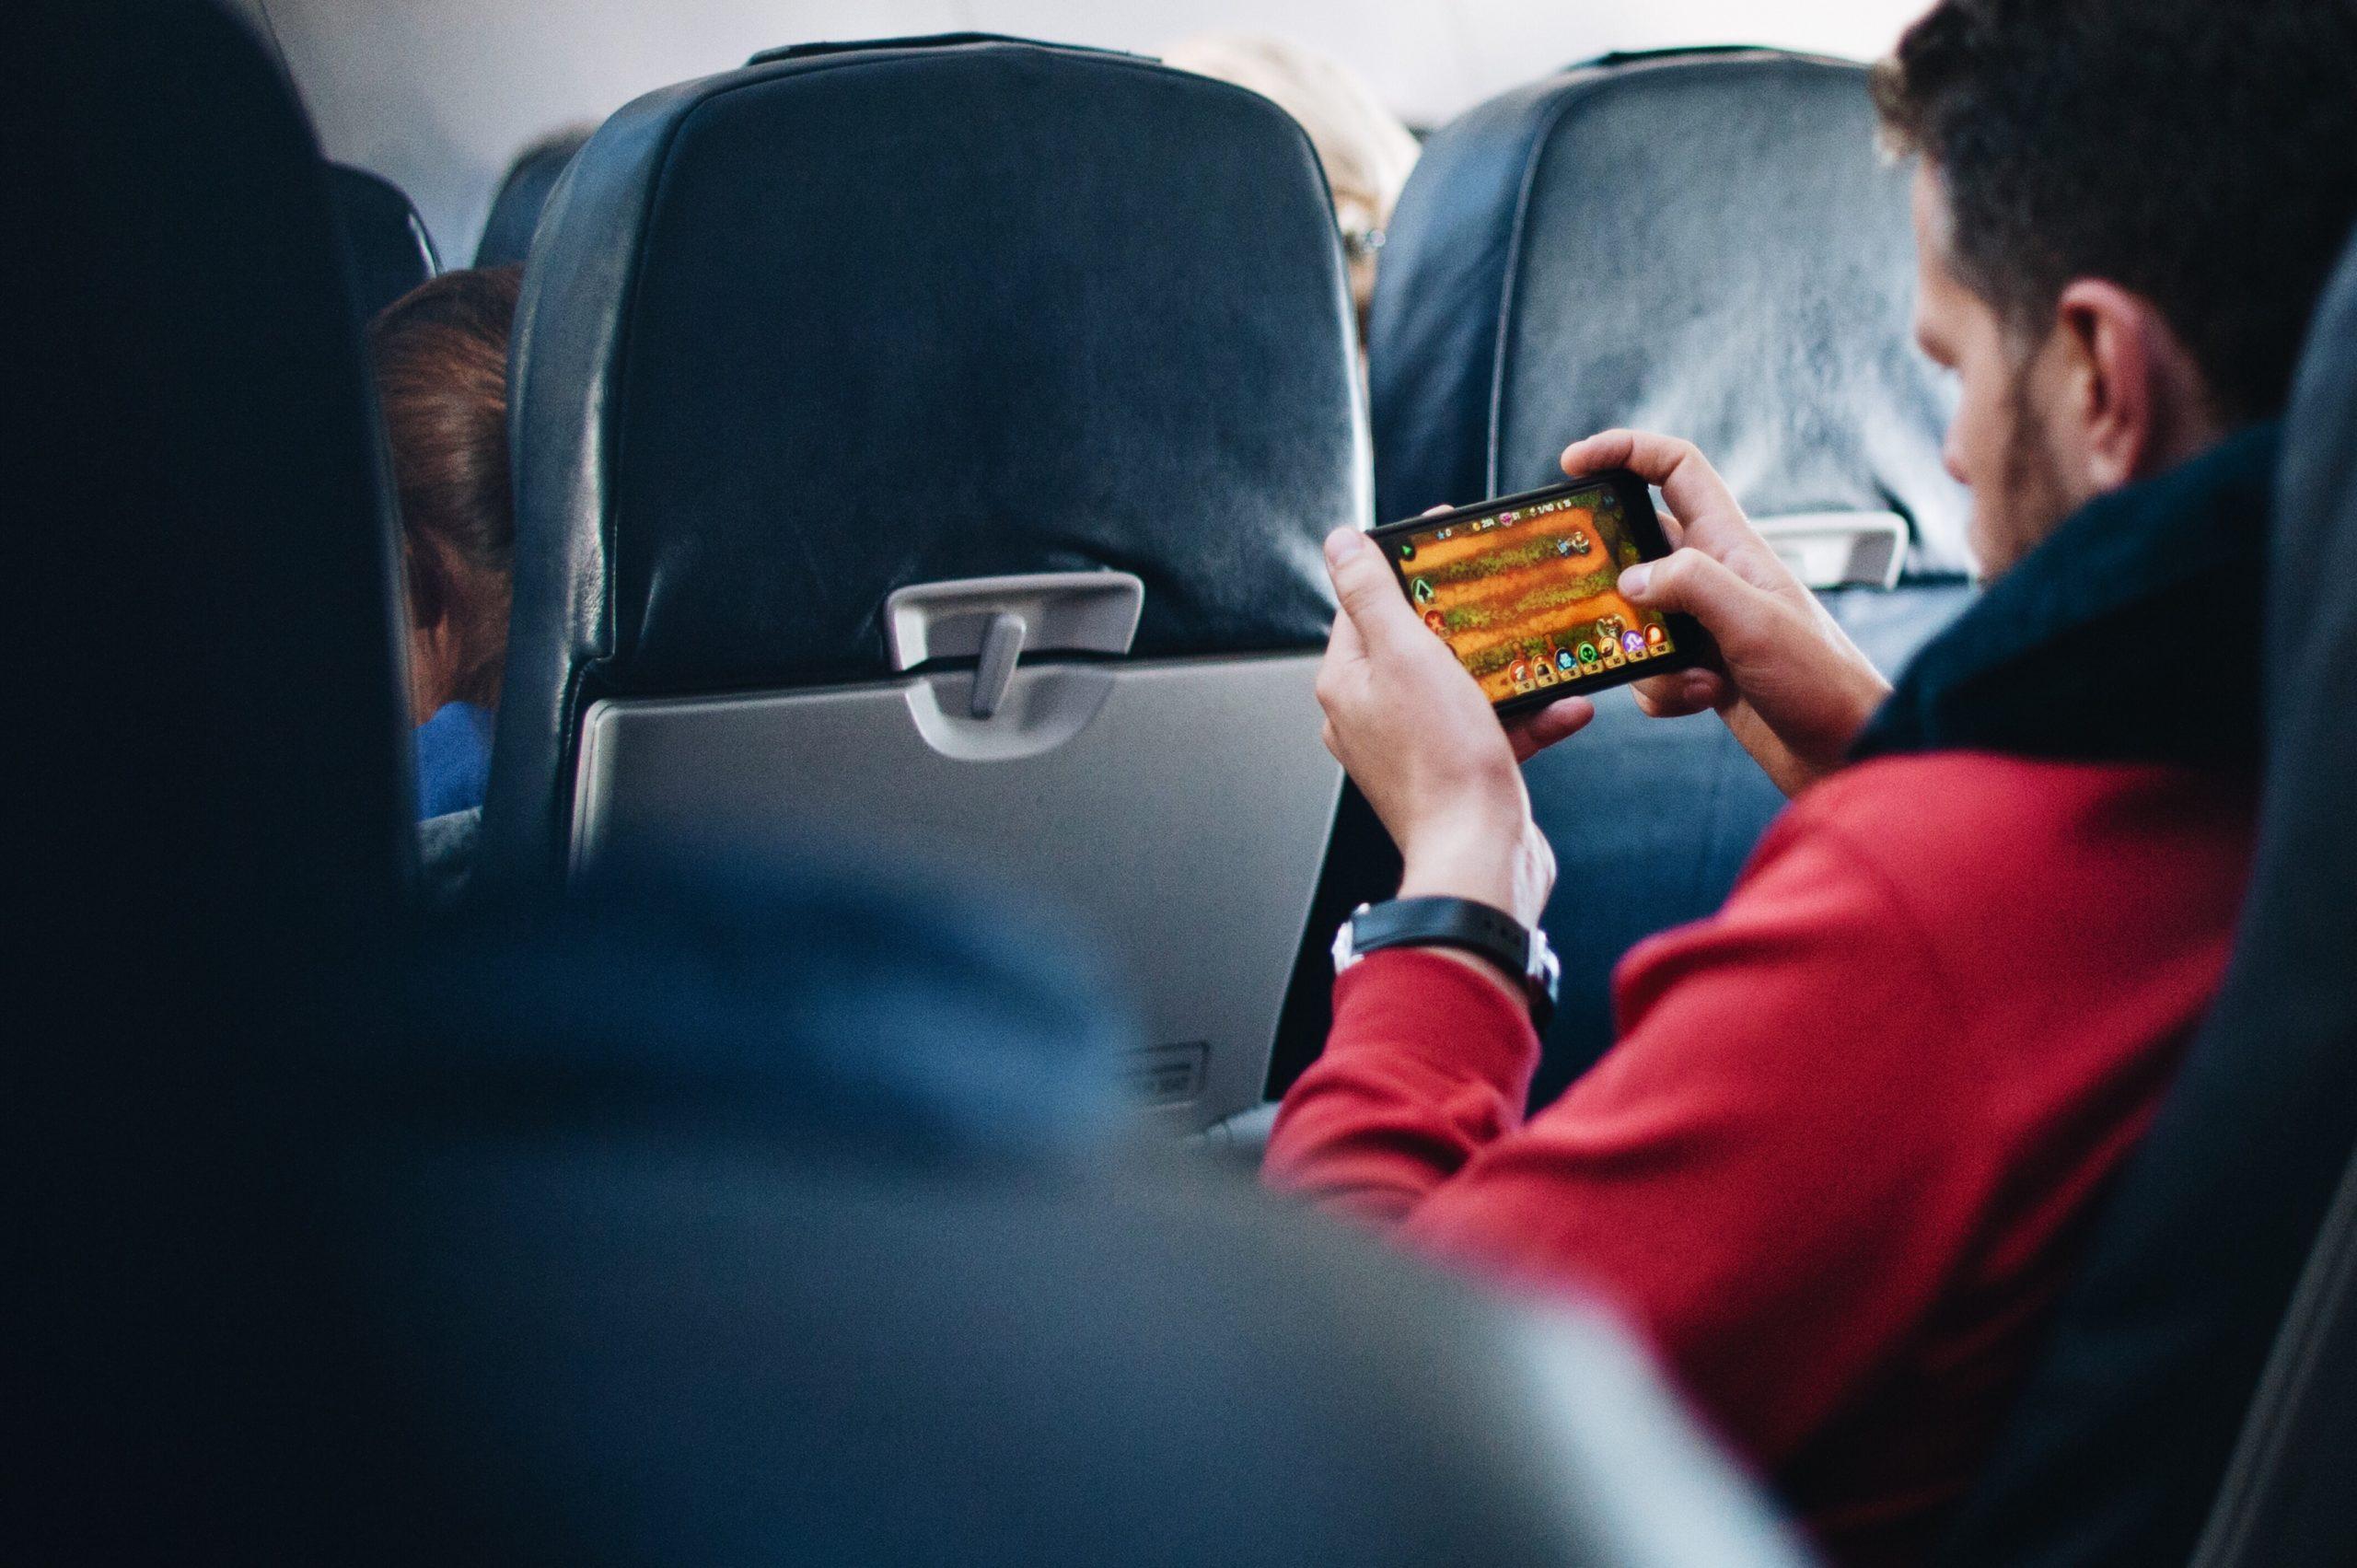 nouveaux comportements mobile des voyageurs